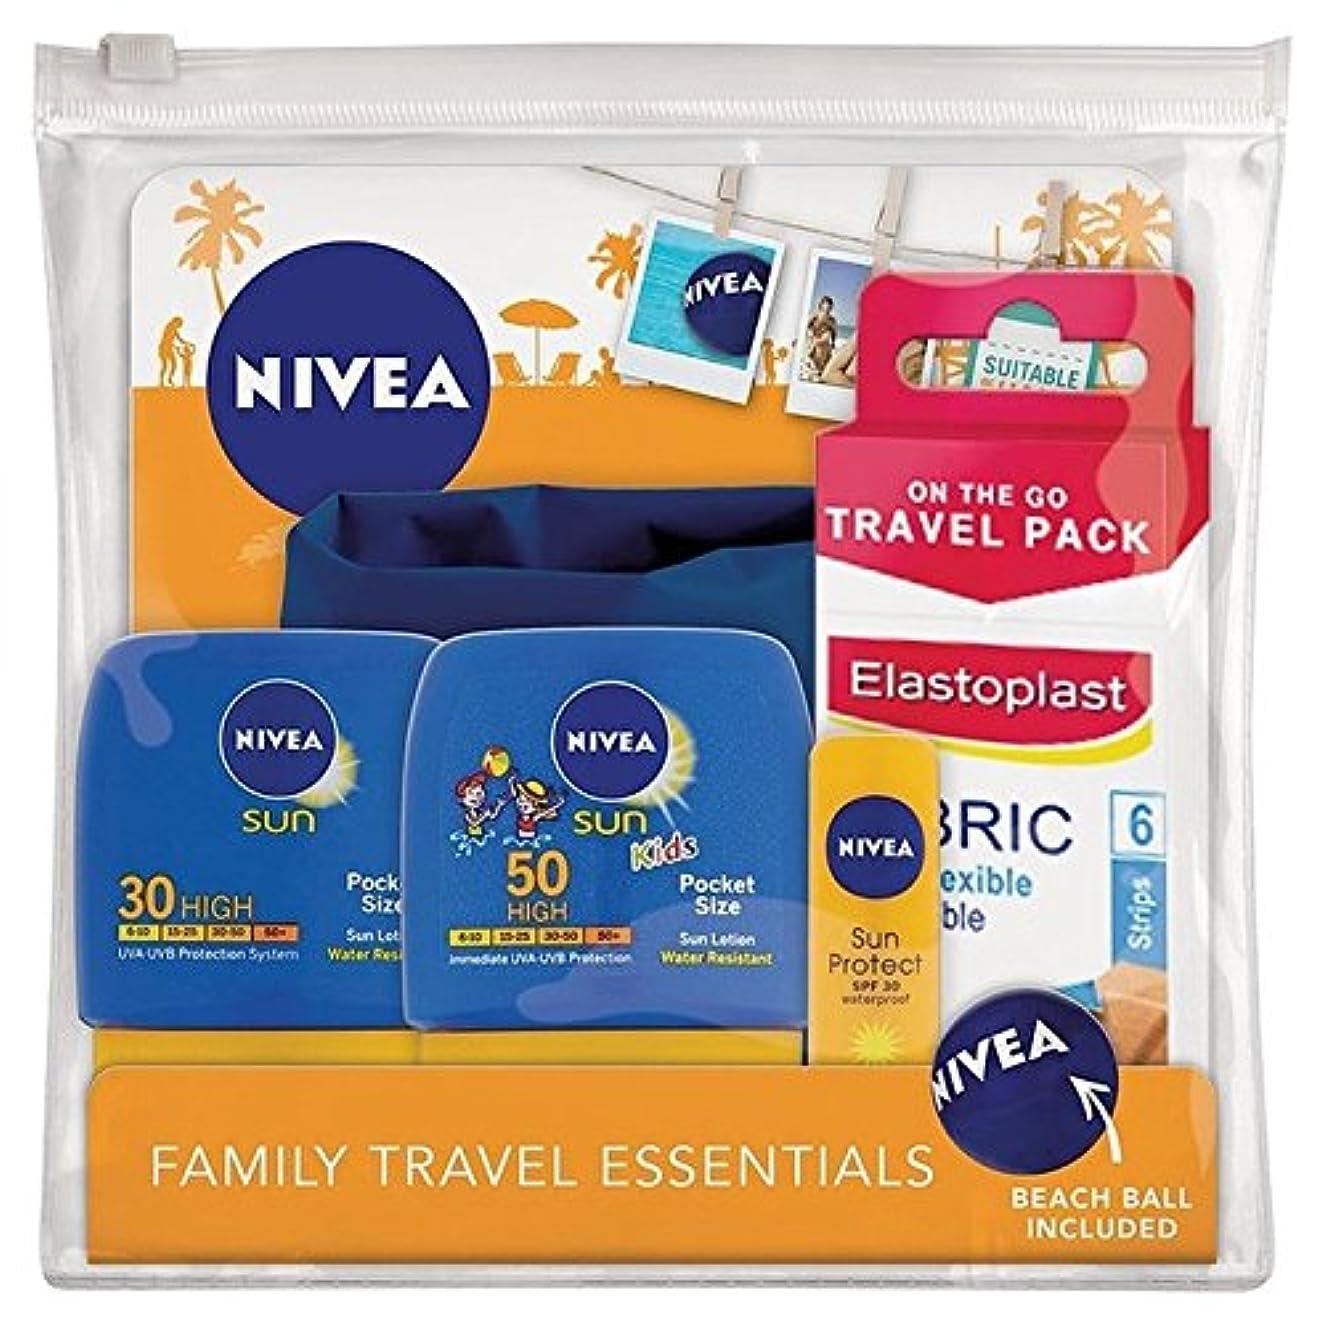 文句を言うコーナーエキスパートニベア日旅行パック x2 - Nivea Sun Travel Pack (Pack of 2) [並行輸入品]